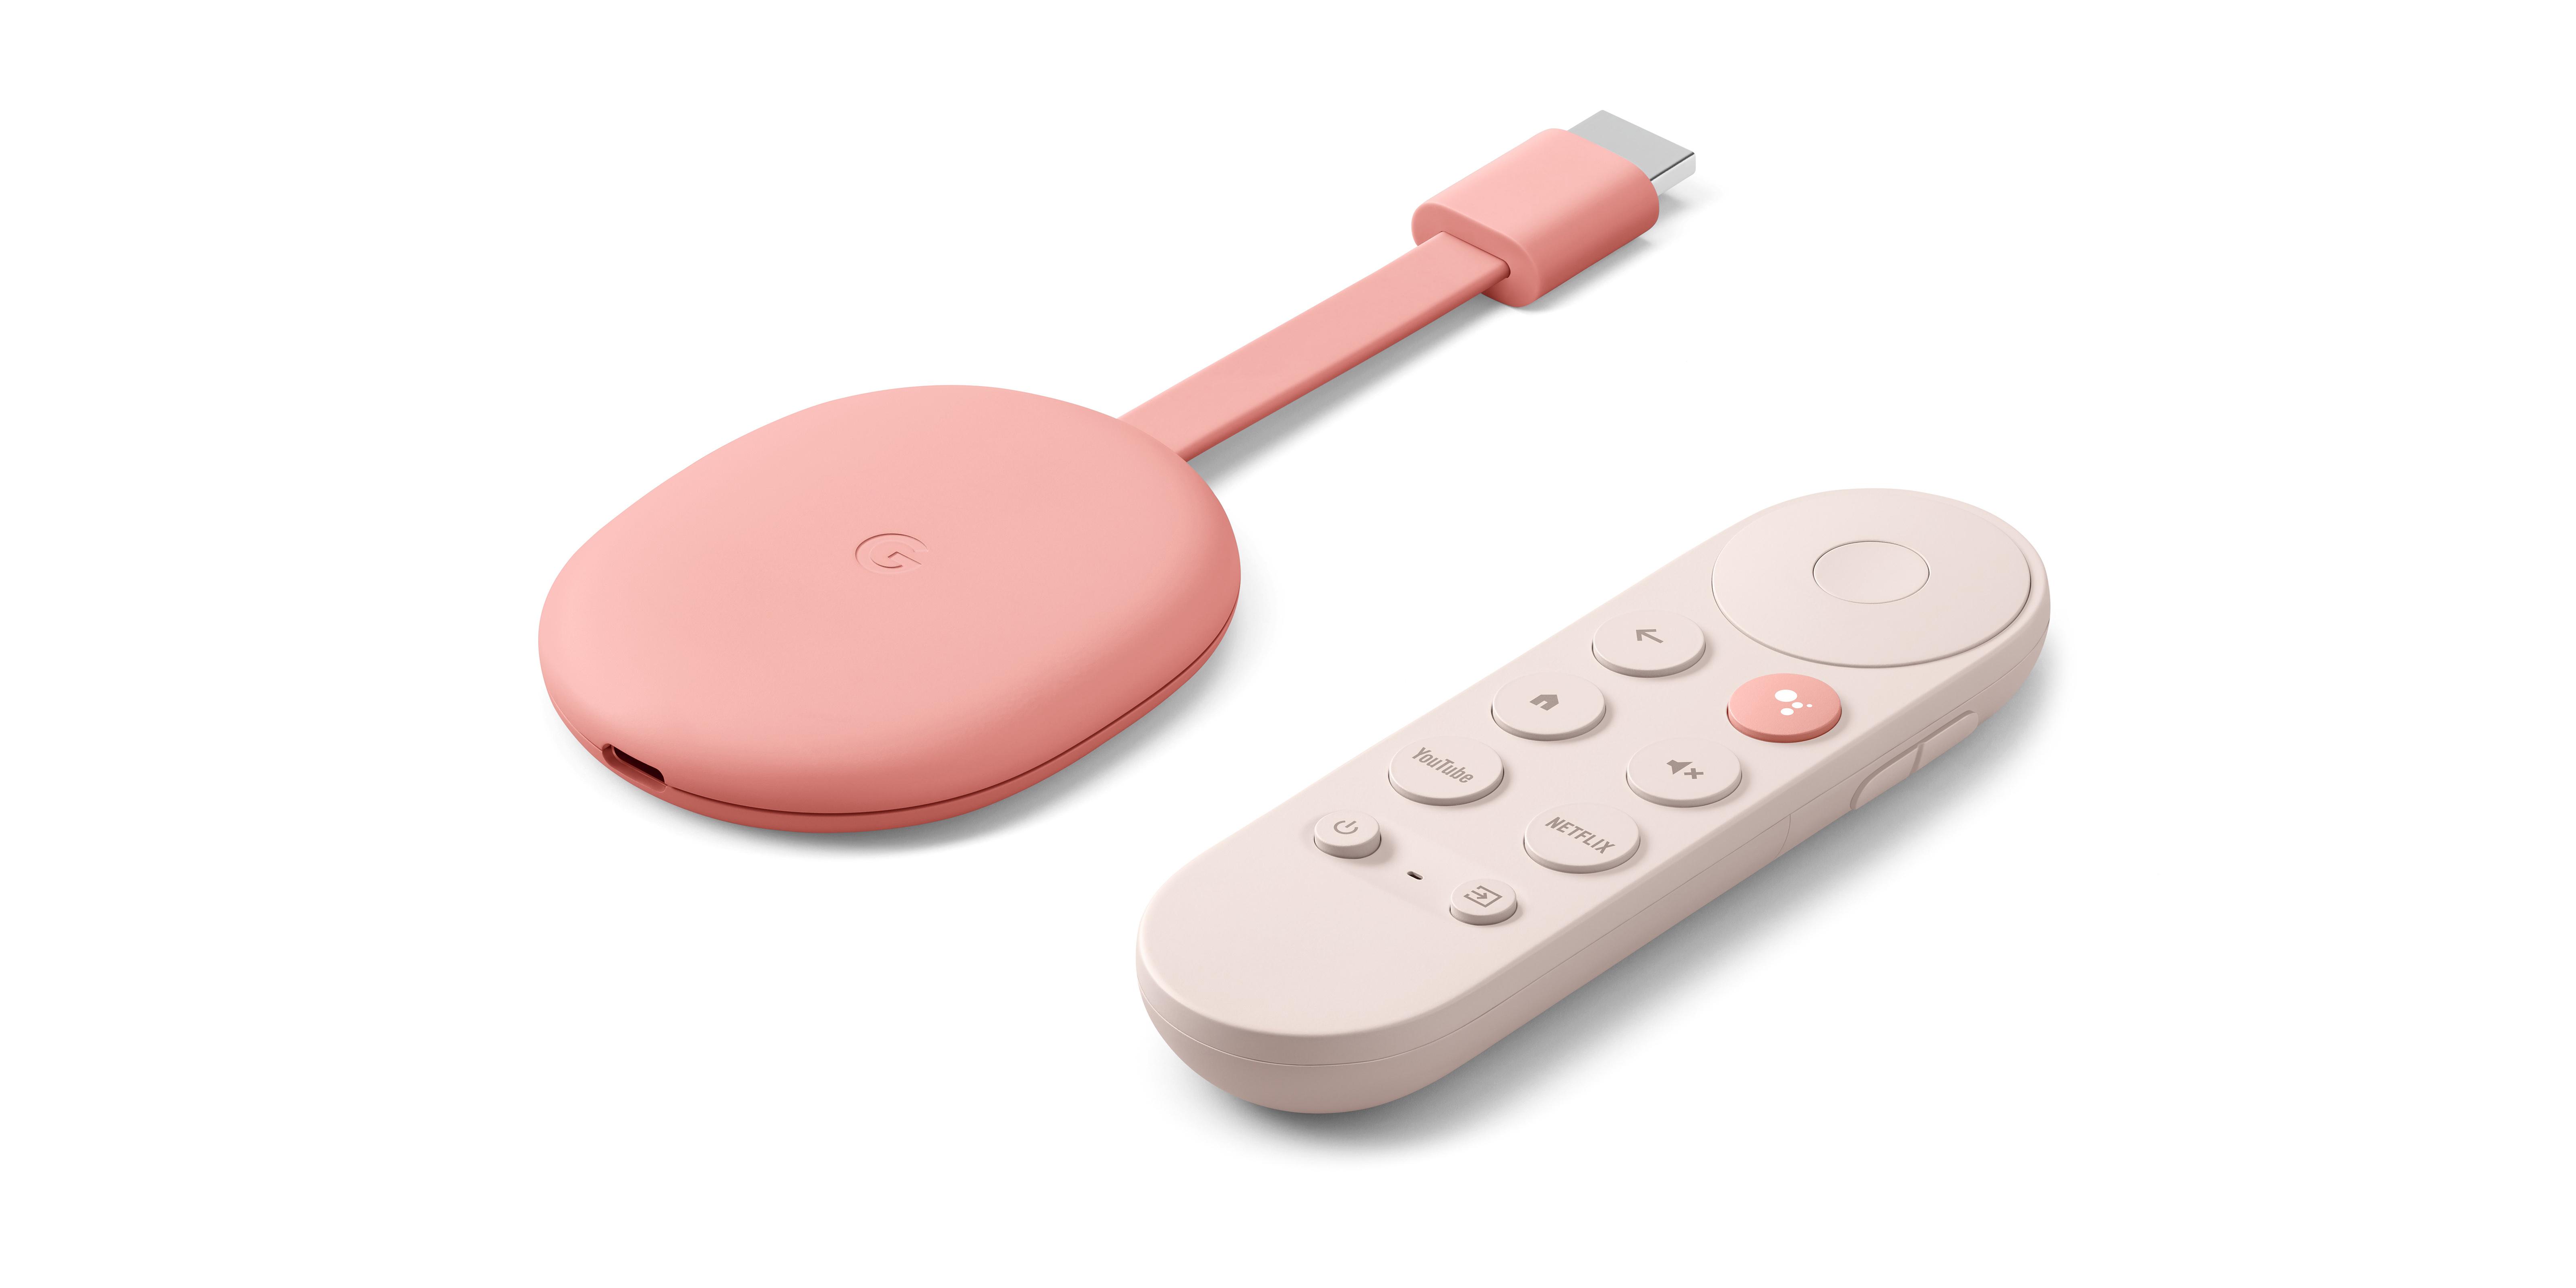 chromecast with google tv sunrise